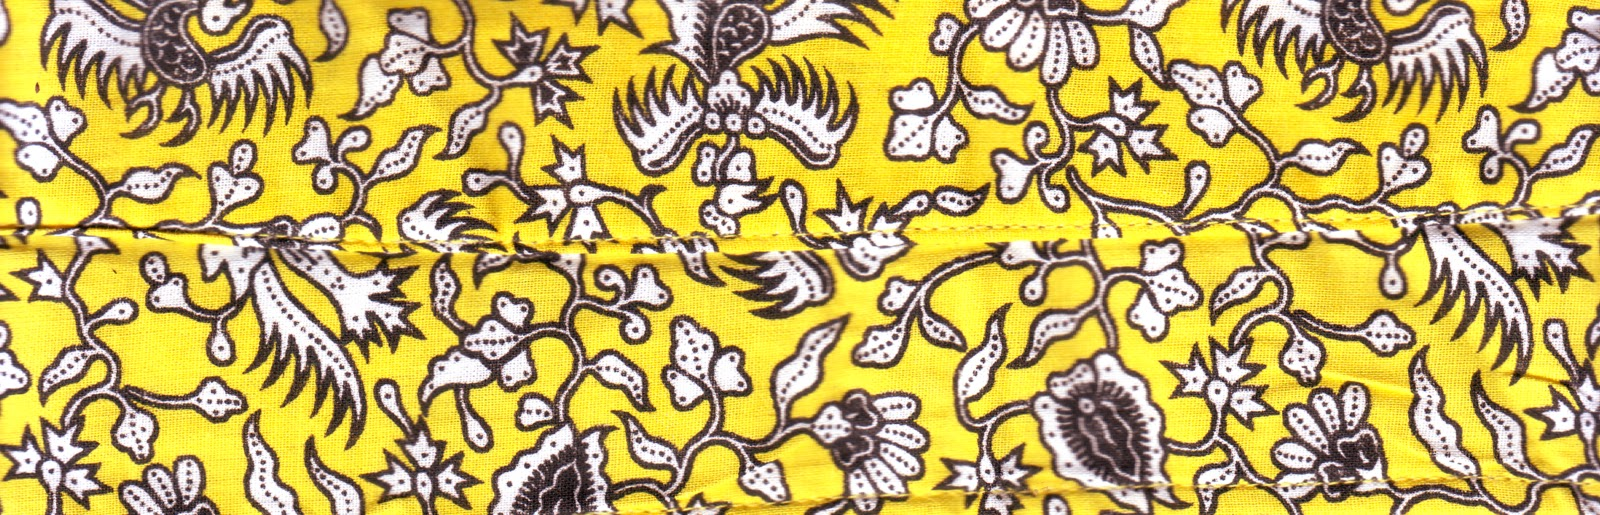 ... batik partai pan demokrat batik partai gerindra batik partai aceh pdip